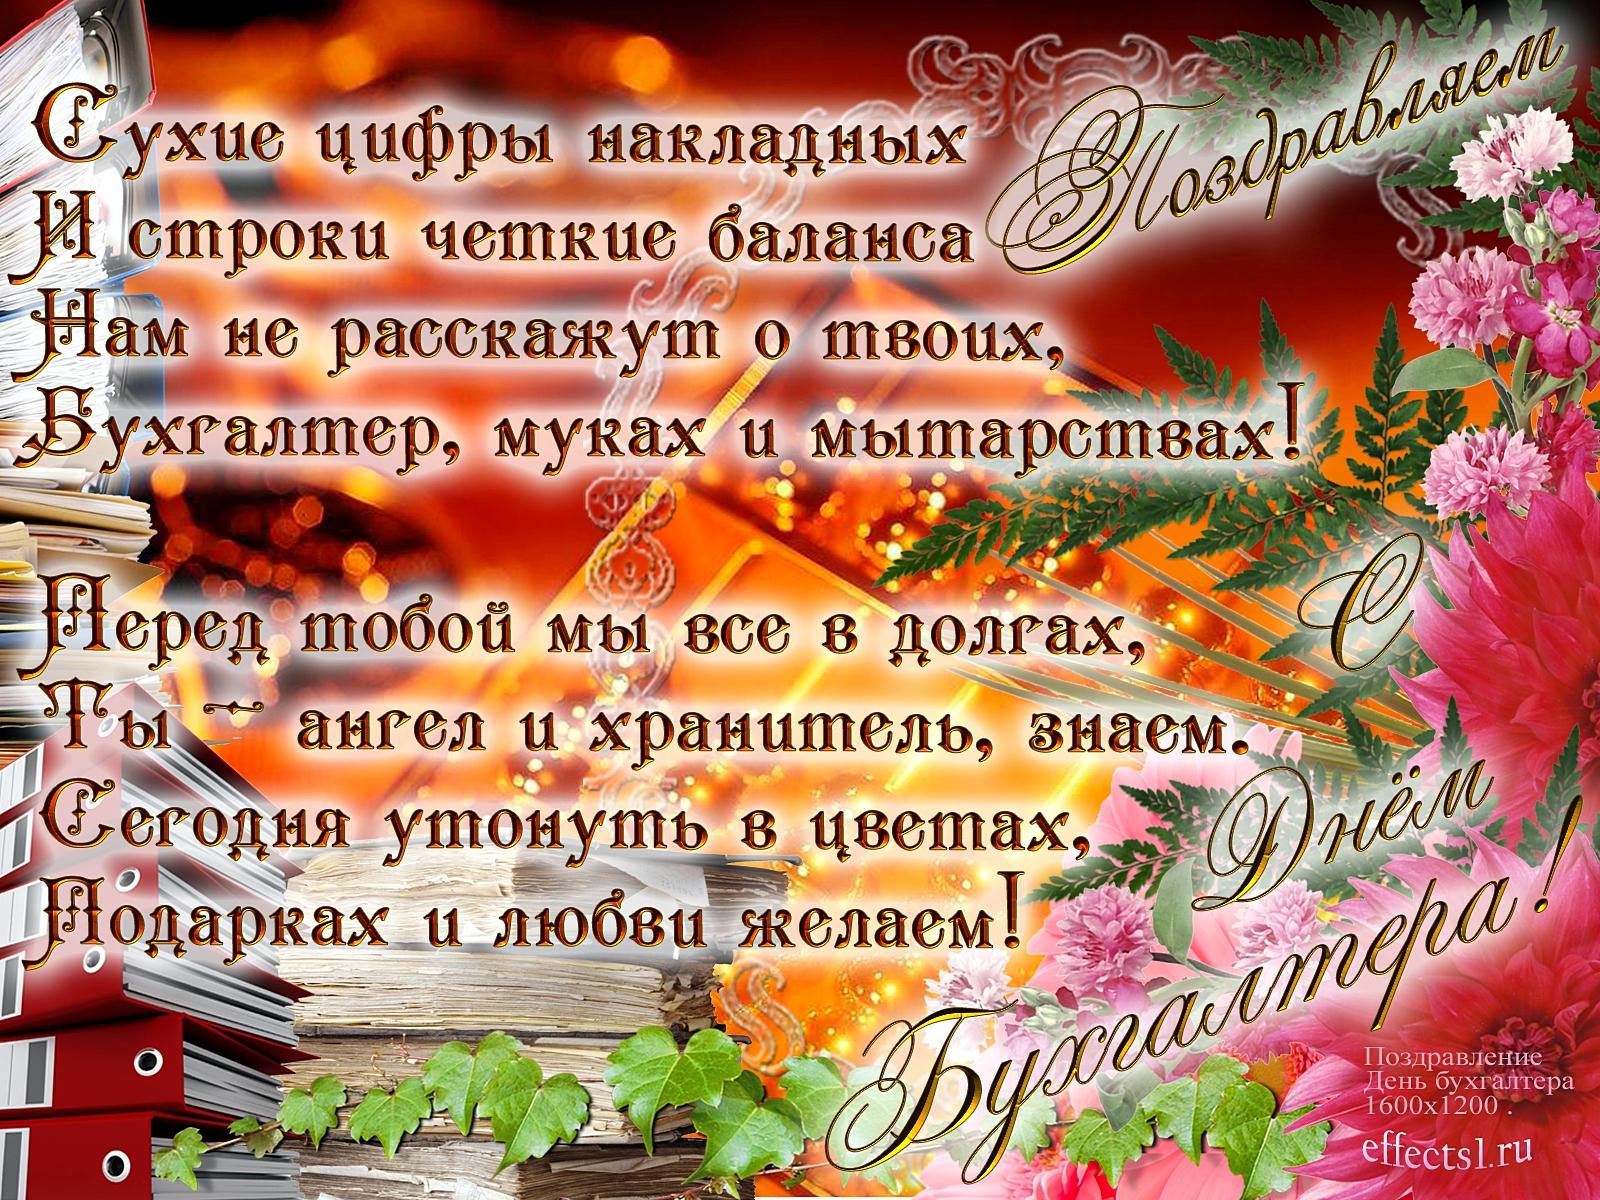 Надписи переводам, день бухгалтера поздравления с открыткой